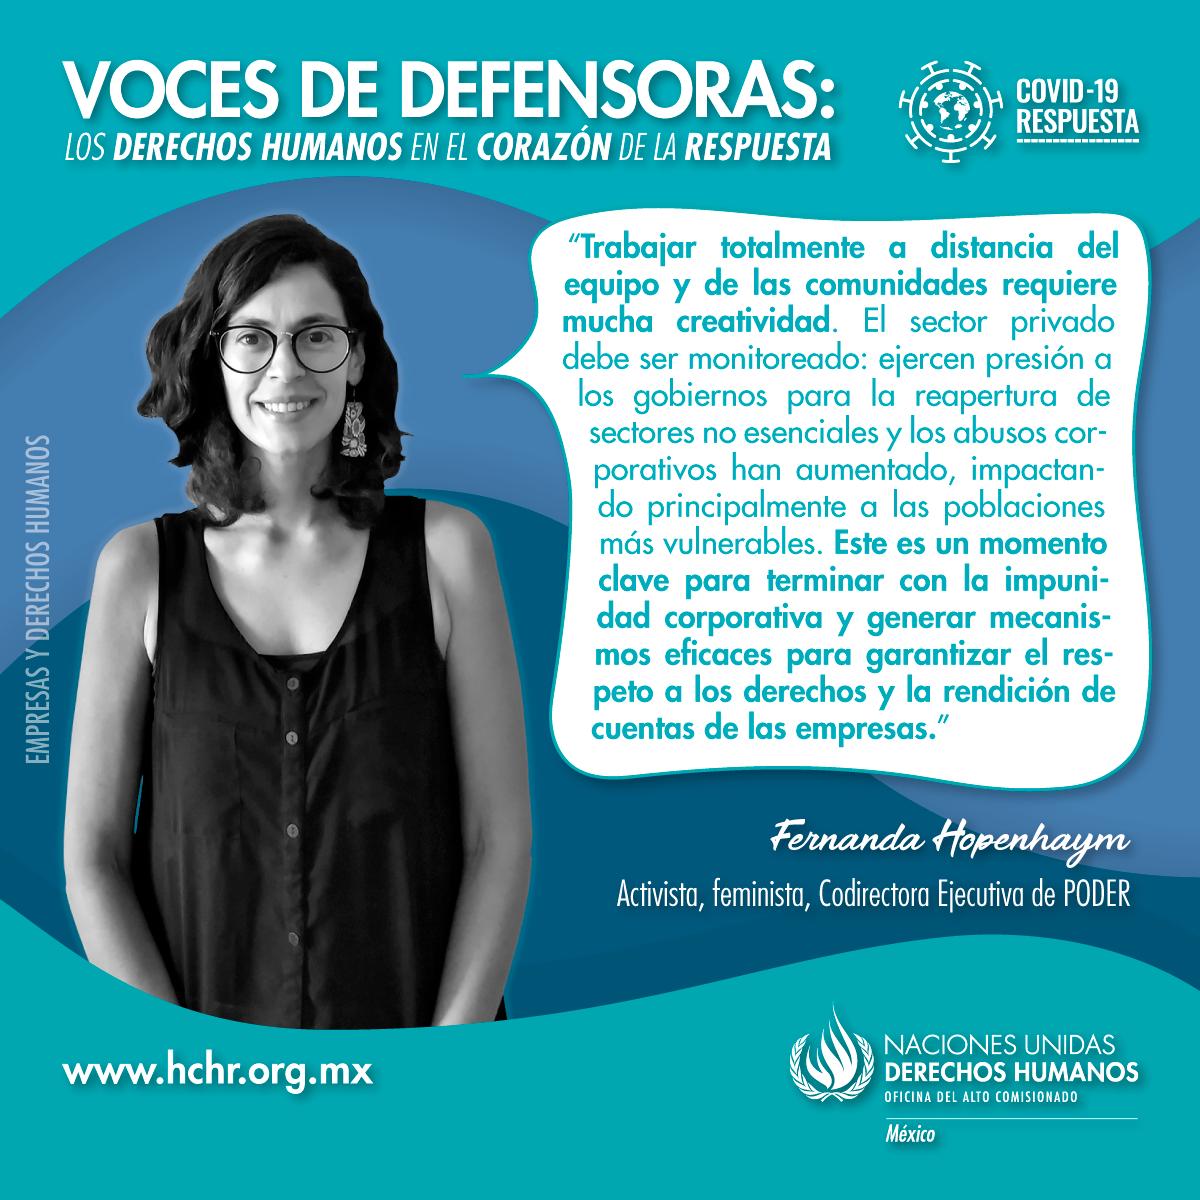 VocesDefensoras_COVID_fernanda